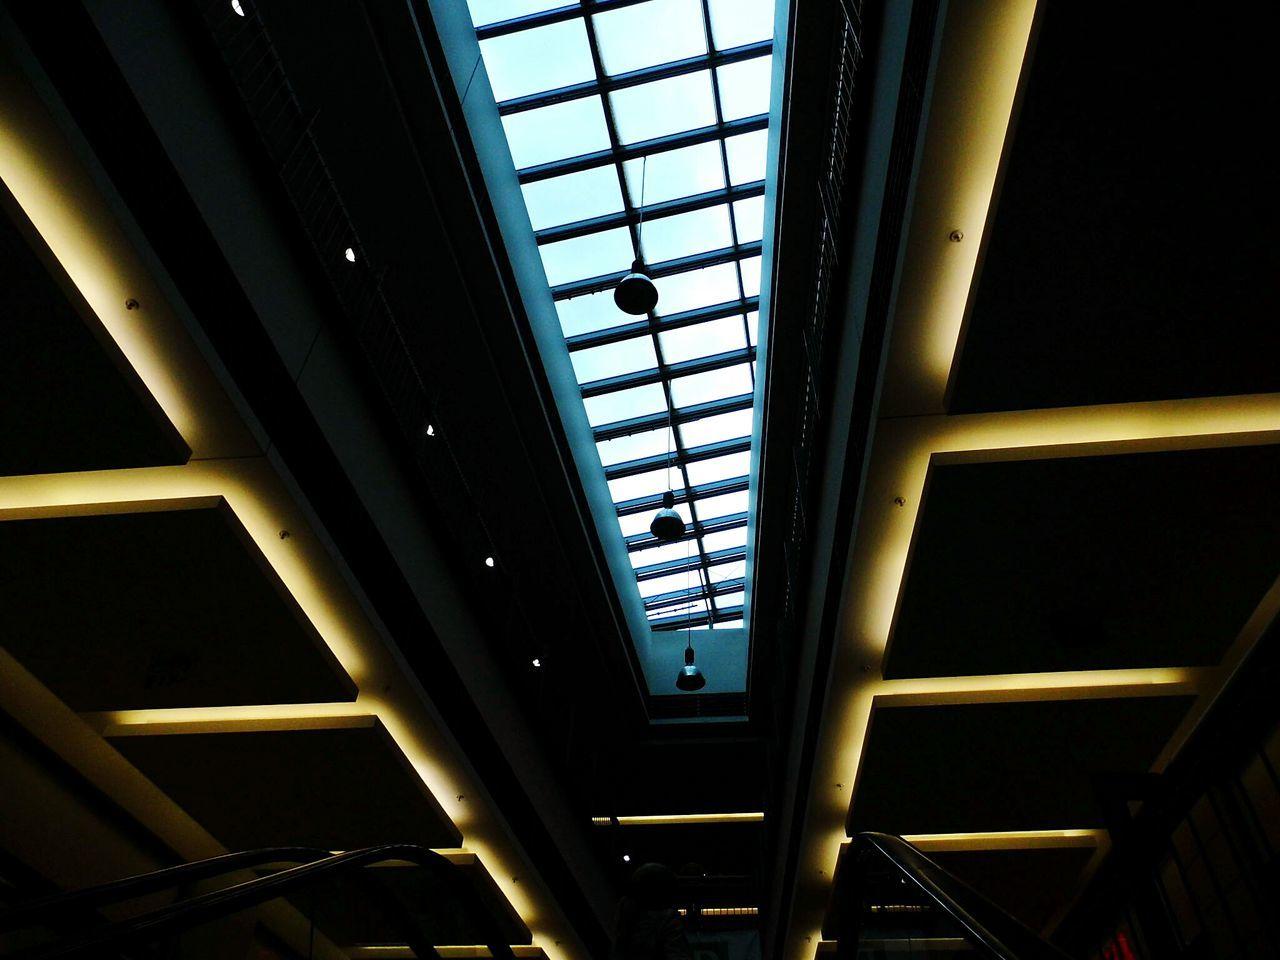 Liberec Czech Republic Architecture Architectural Detail Light And Shadow Hidden Gems